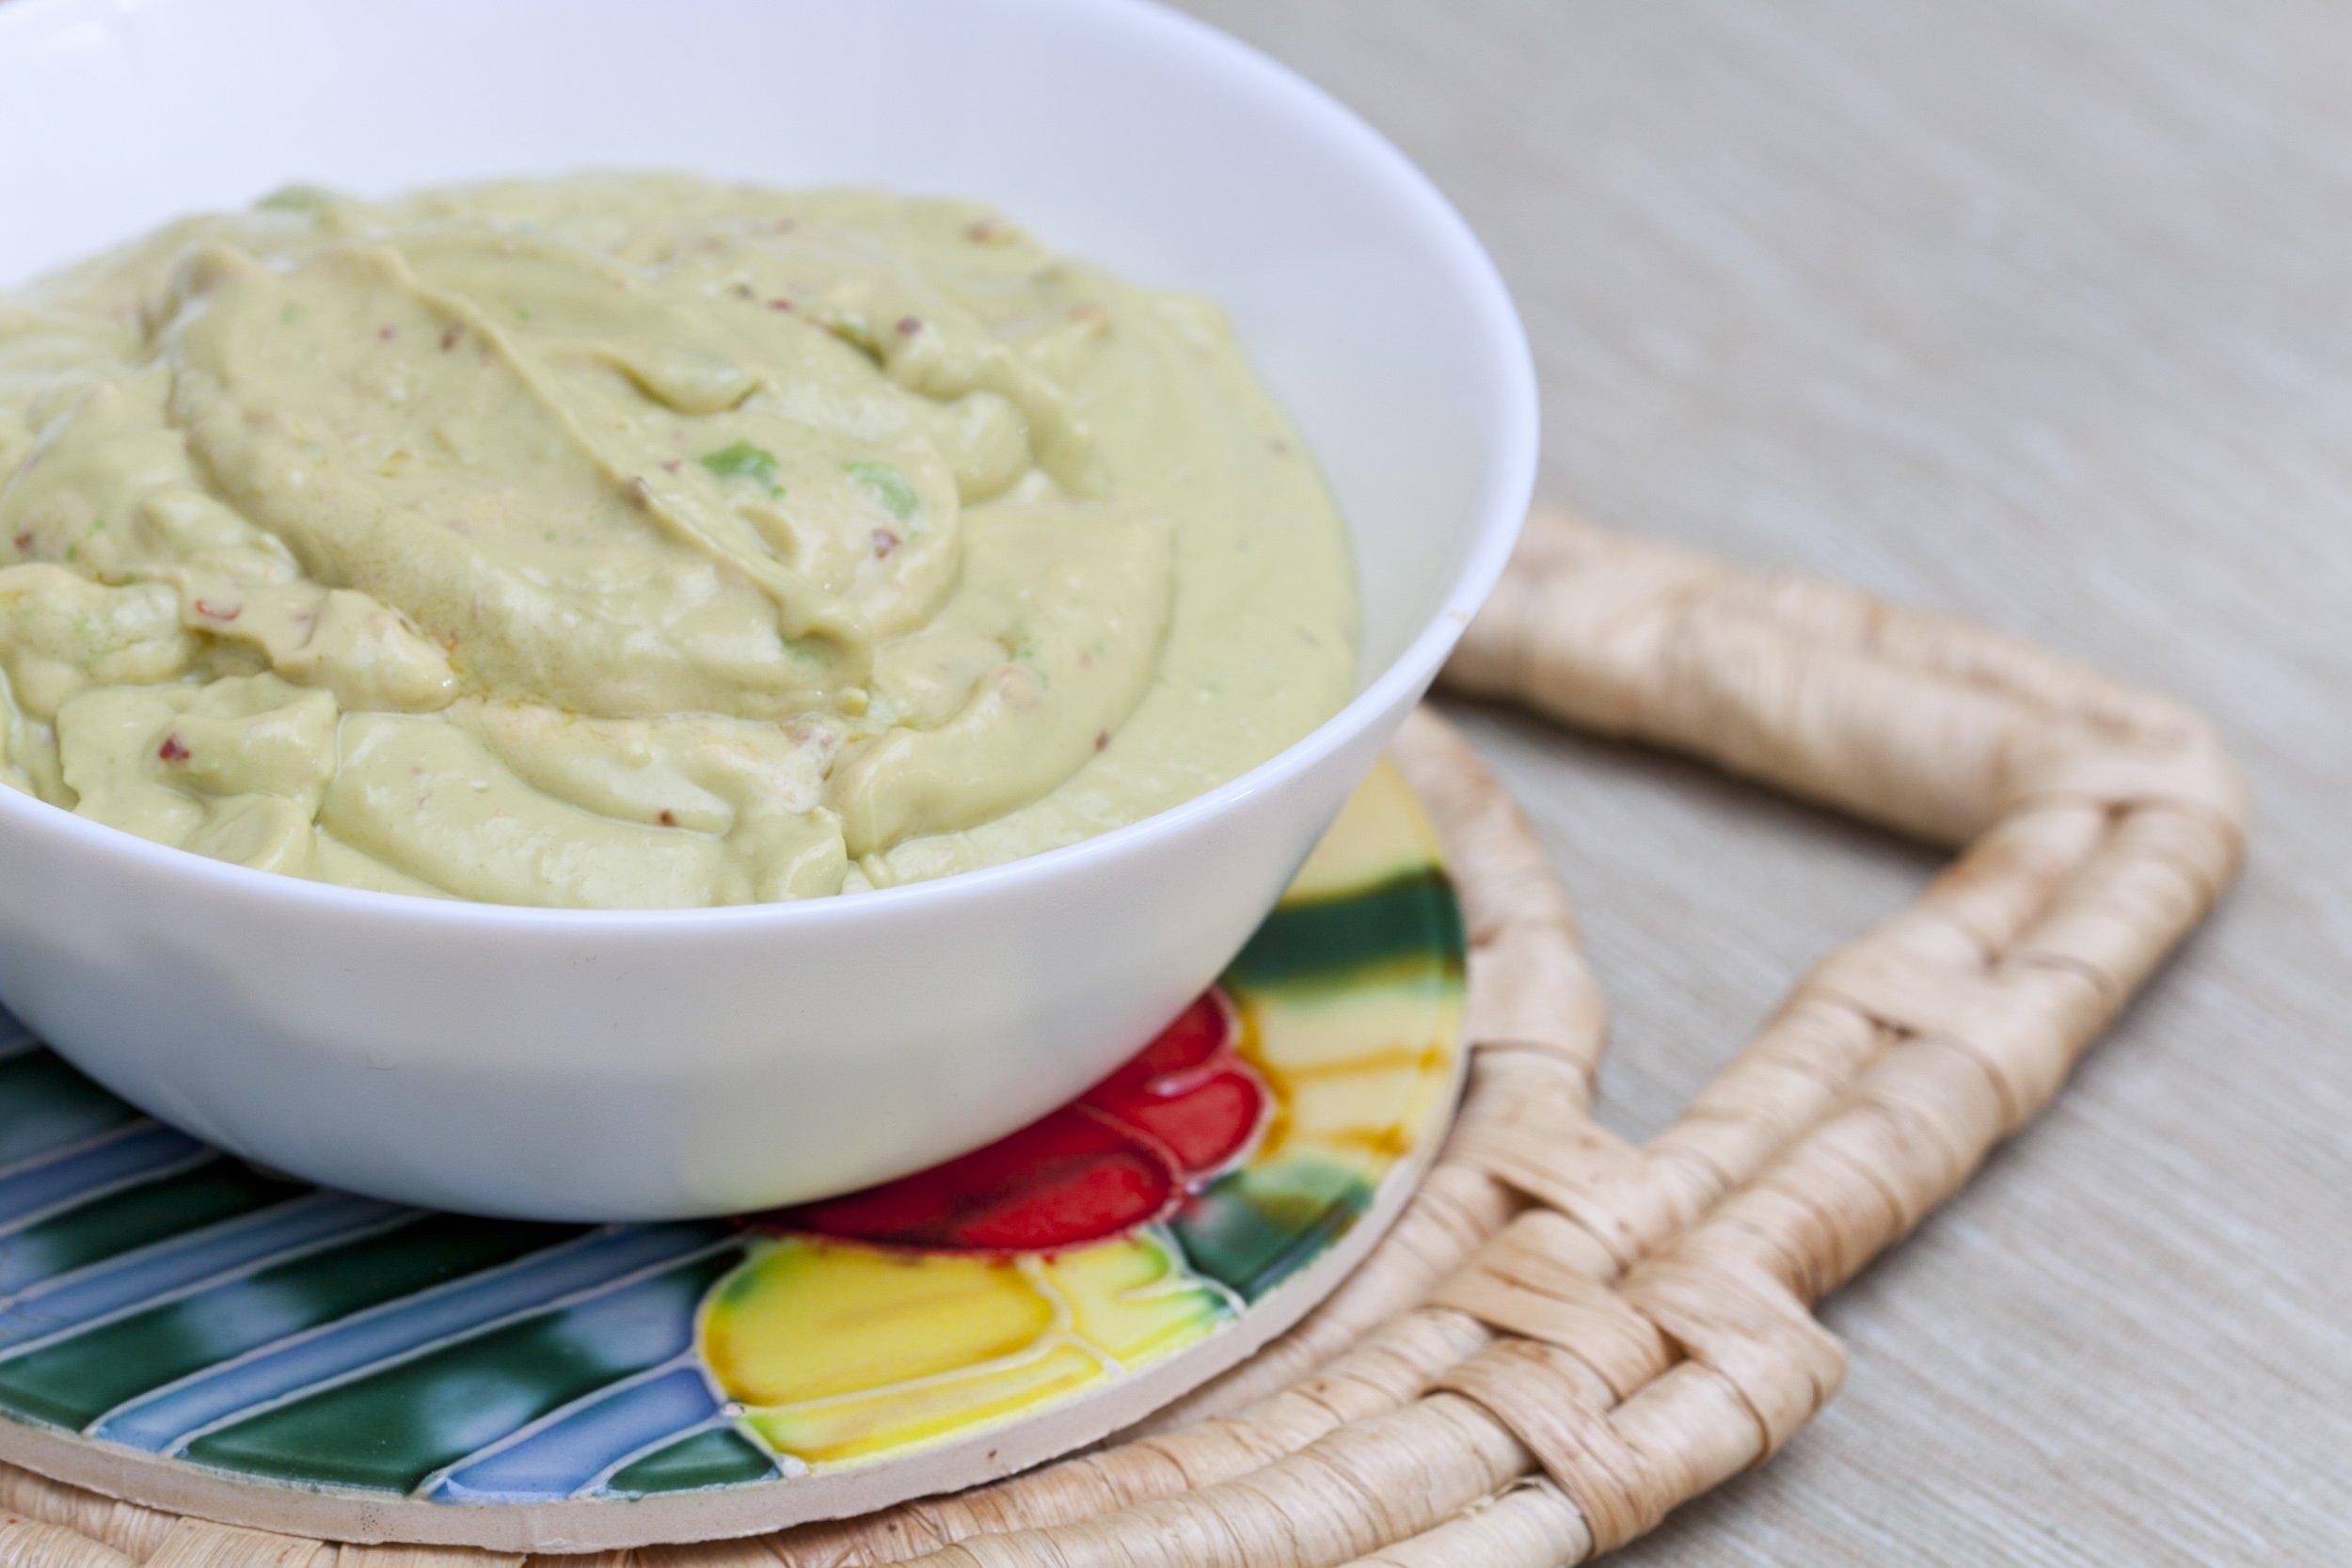 Ricetta Salsa Guacamole Con Yogurt Greco.Crema Di Avocado E Yogurt Una Salsa Facile Da Fare Con Yogurt O Skyr